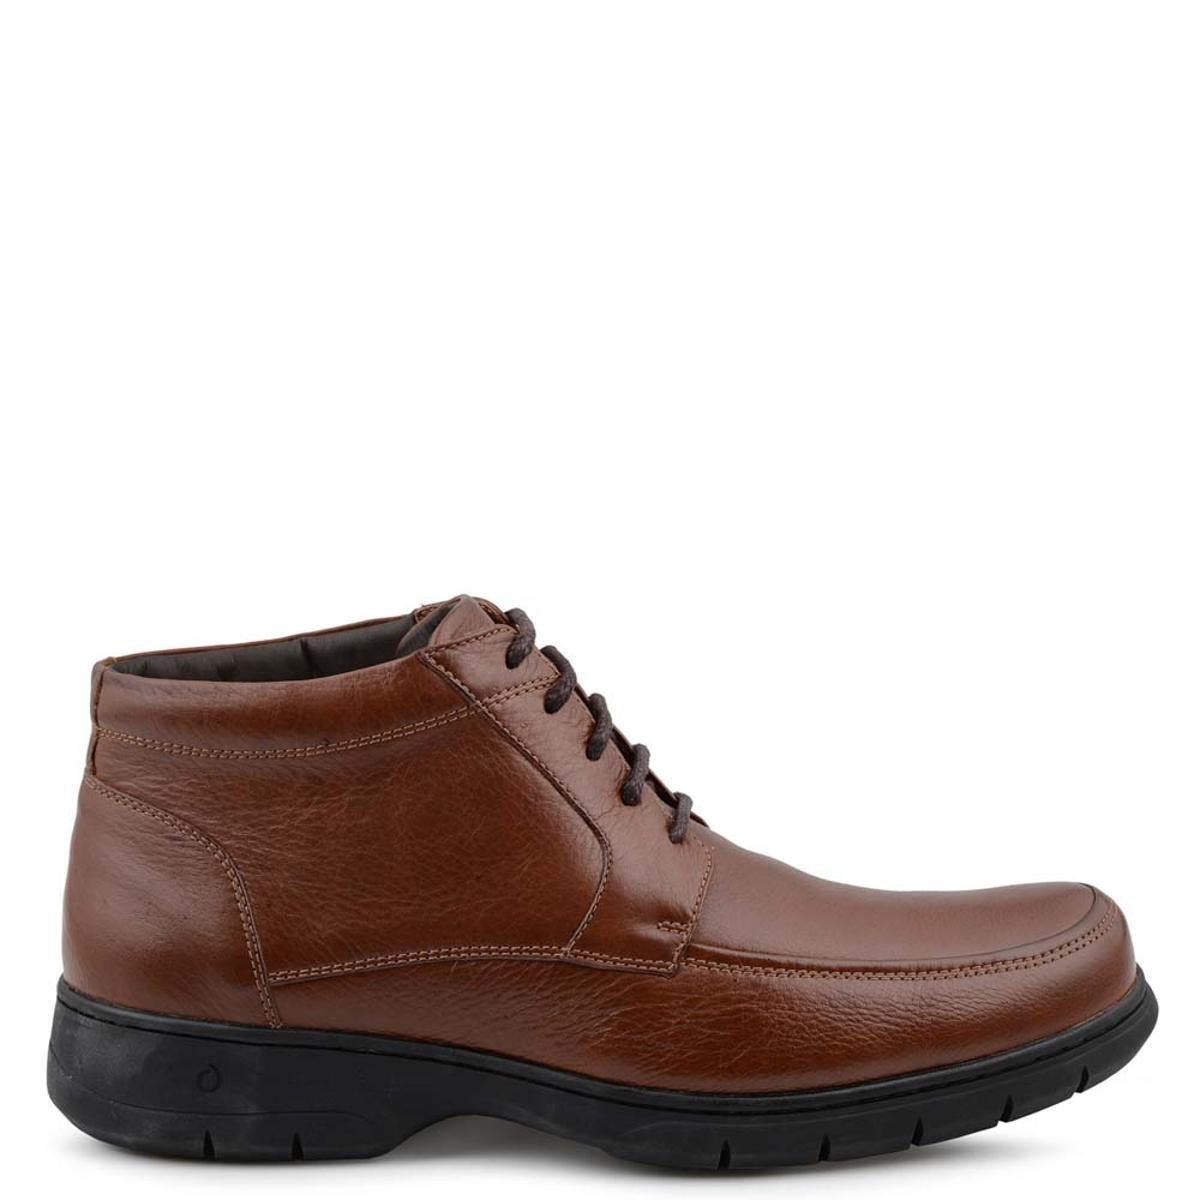 e92befc704 Sapato Casual Mr. Cat Flex Syster Masculino - Compre Agora